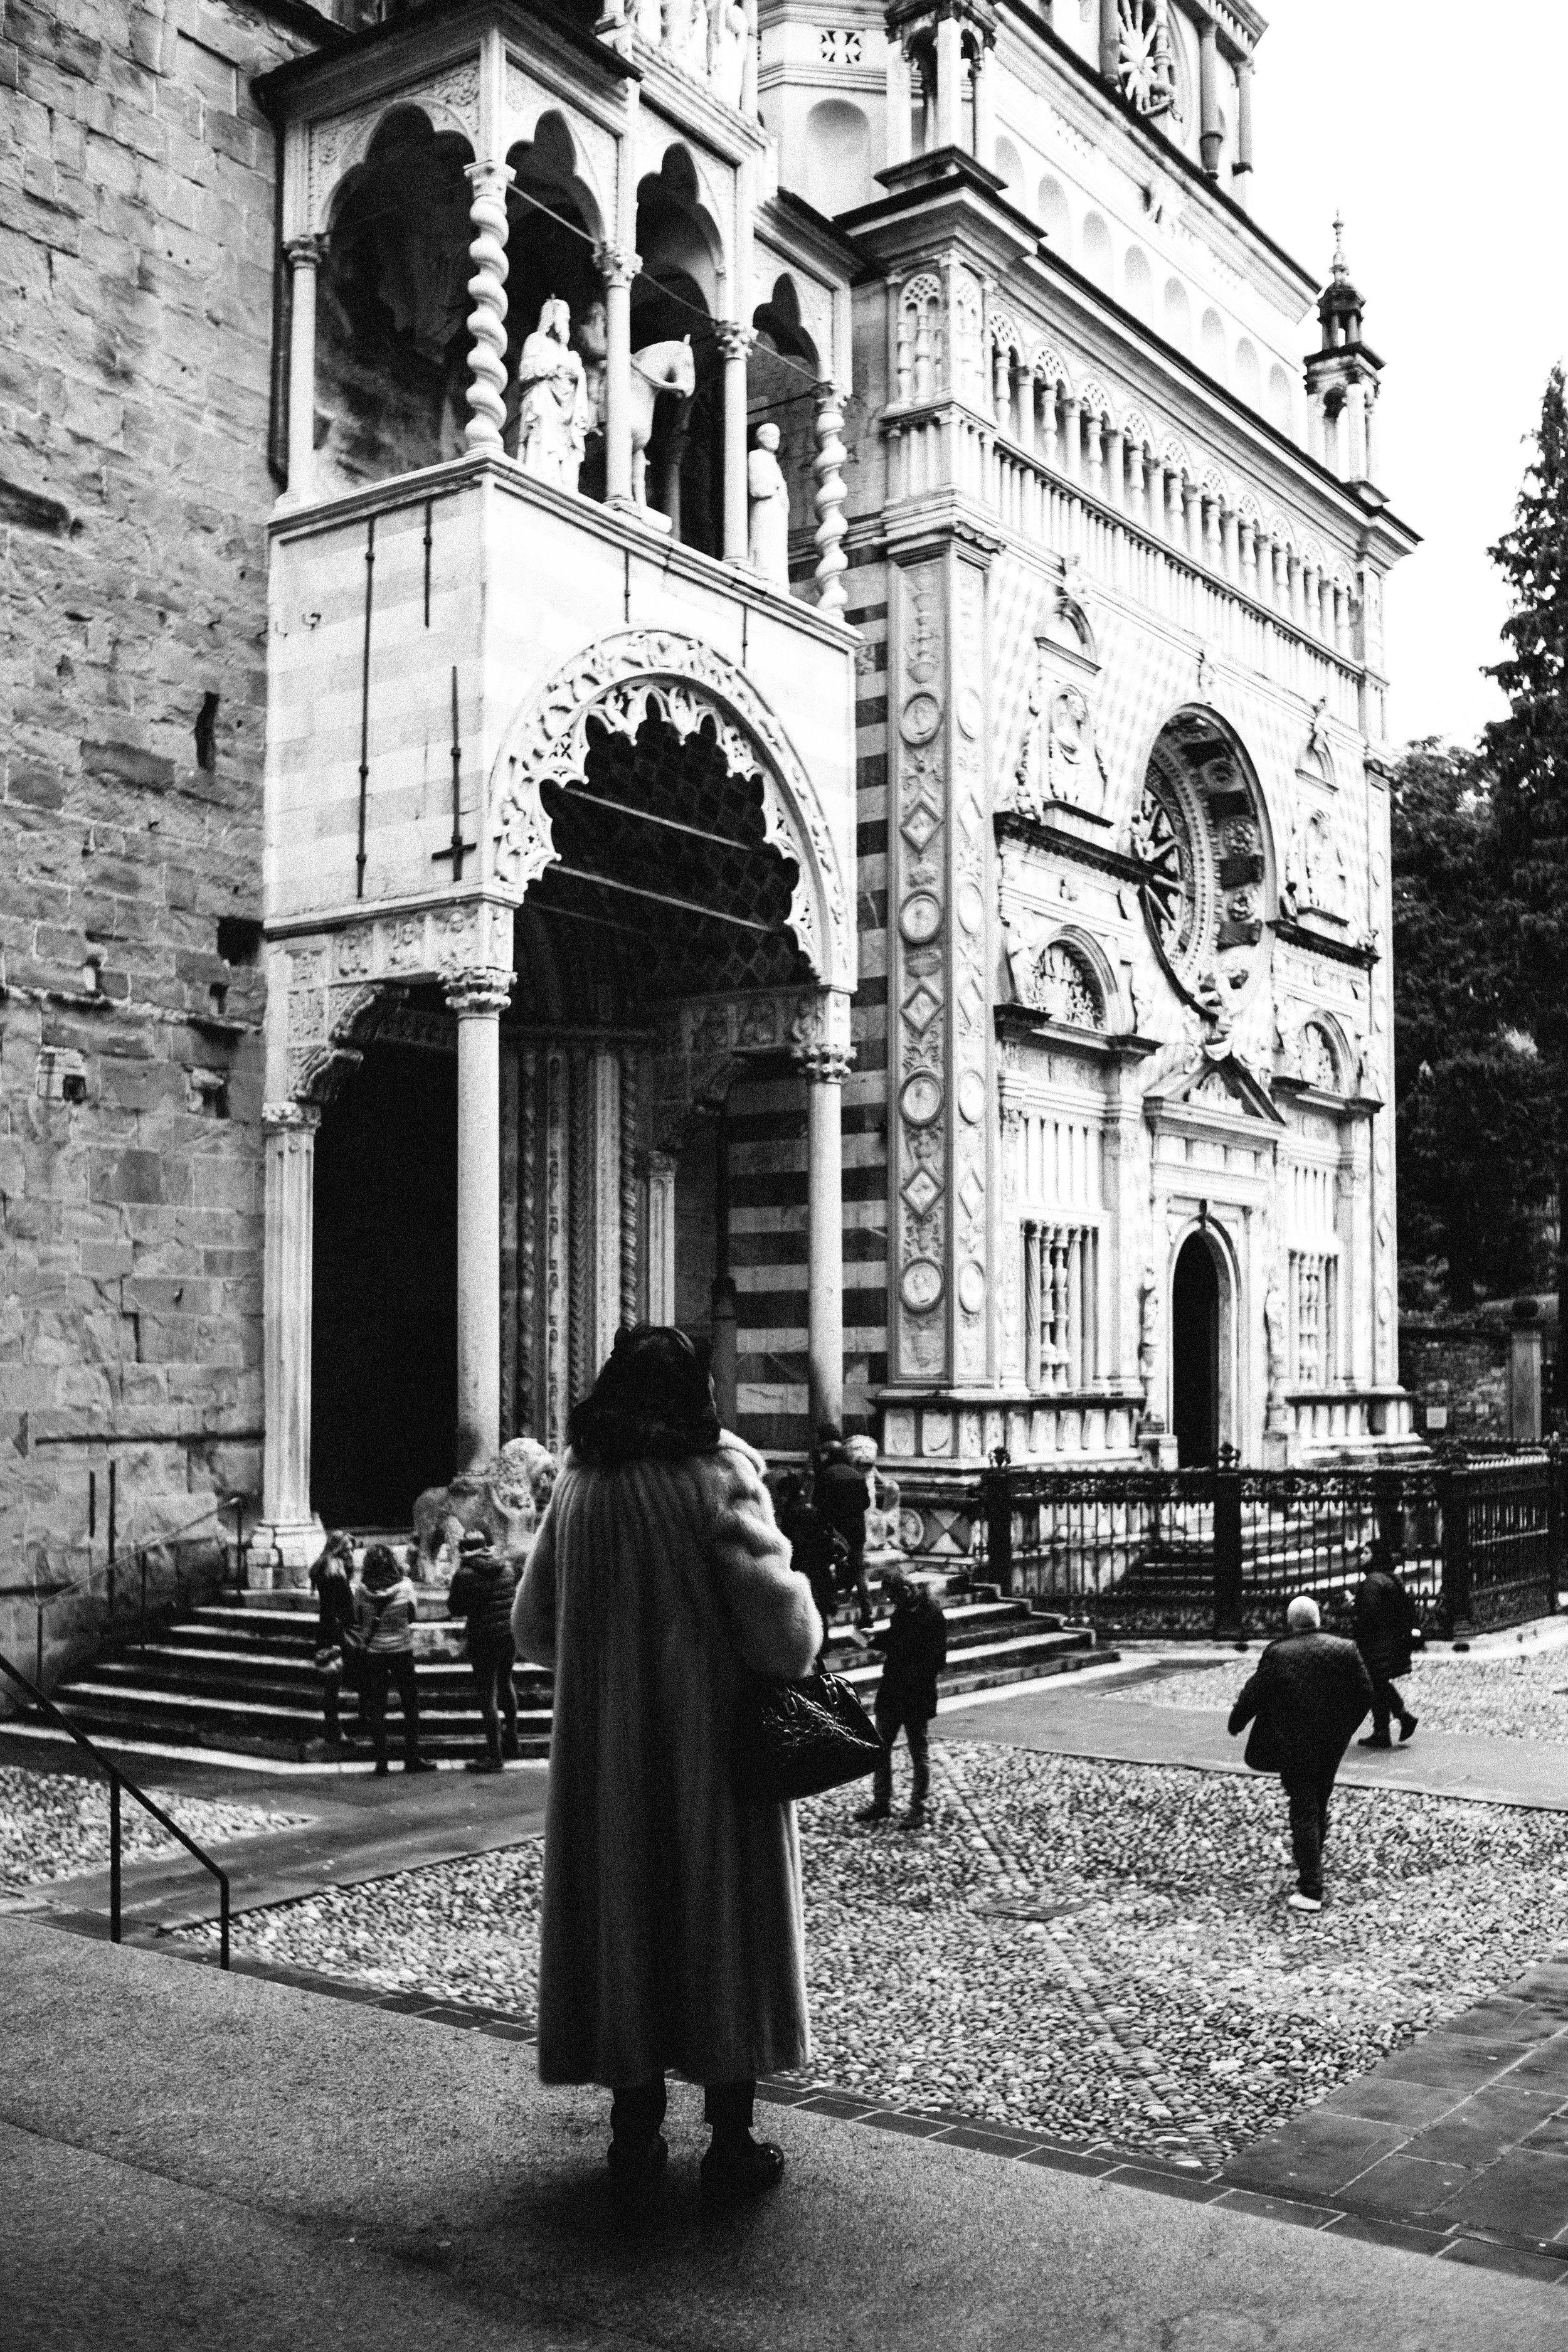 024 - Bergamo.jpg